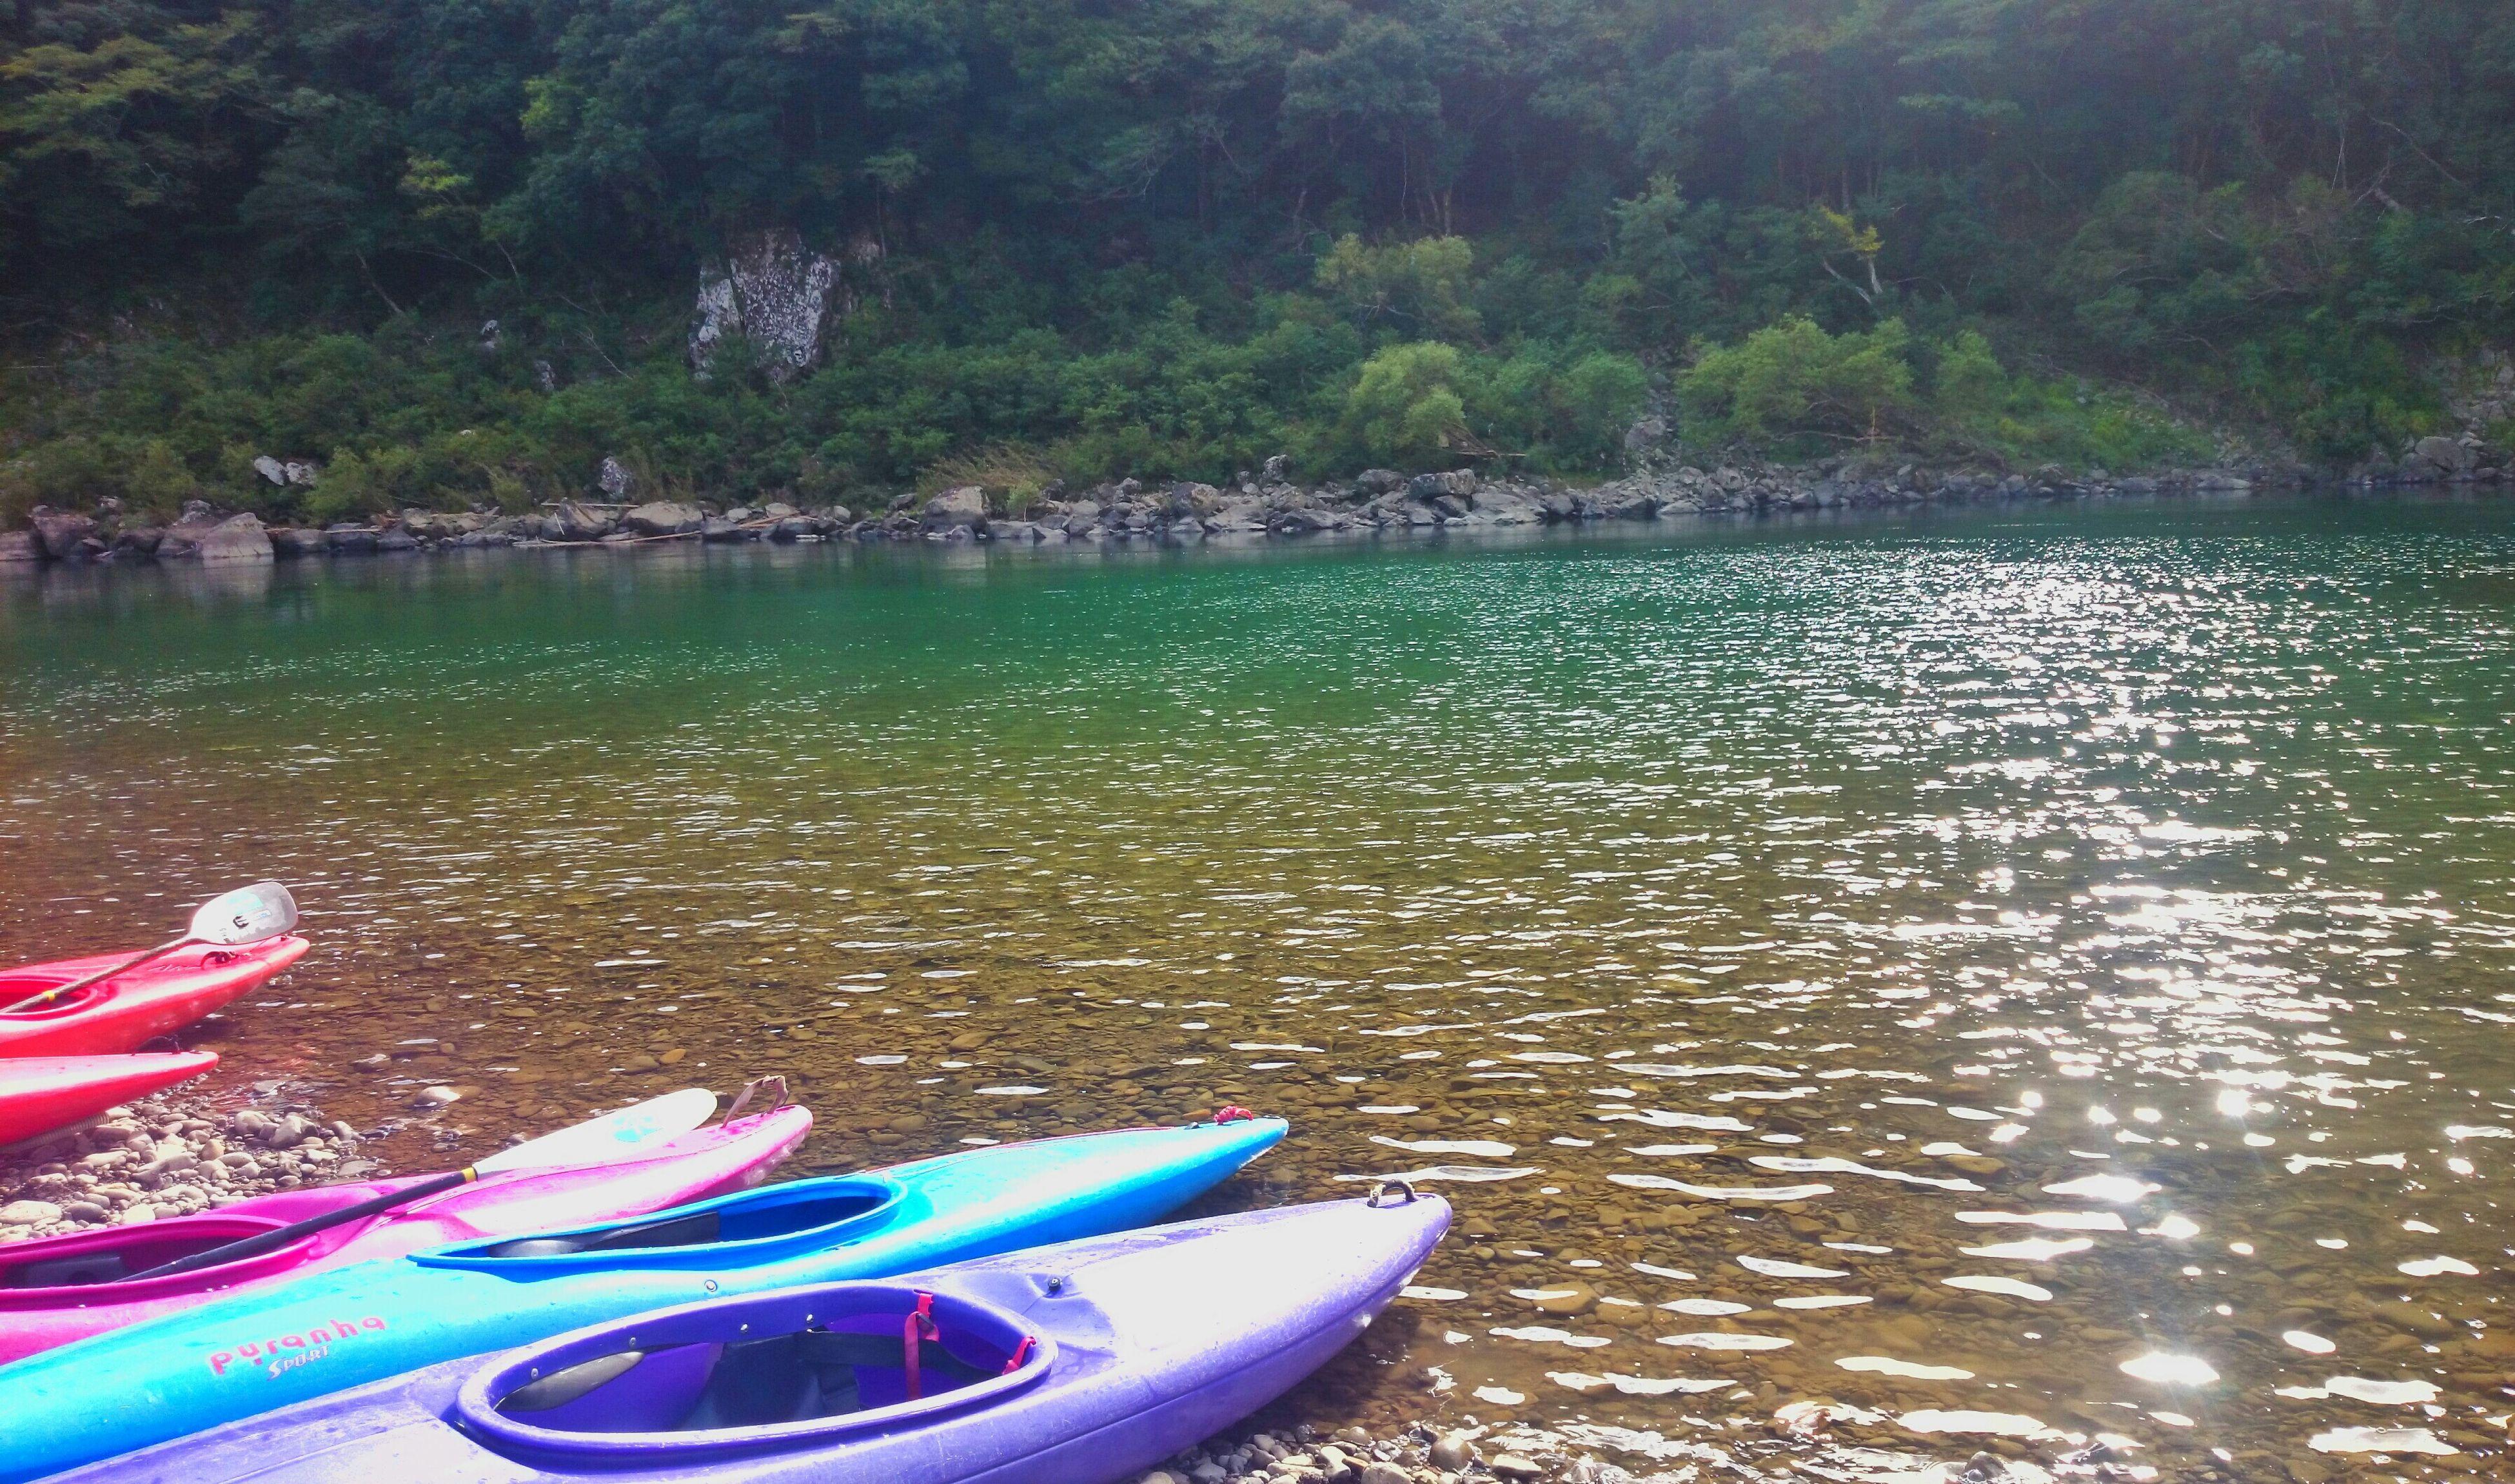 昨日は、四万十川でカヌー。。自然を満喫♪ そして今日は、クジラウォッチングに、土佐まで…行ってきます!!!Taking Photos Enjoying Life EyeEm Japan EyeEm Gallery River